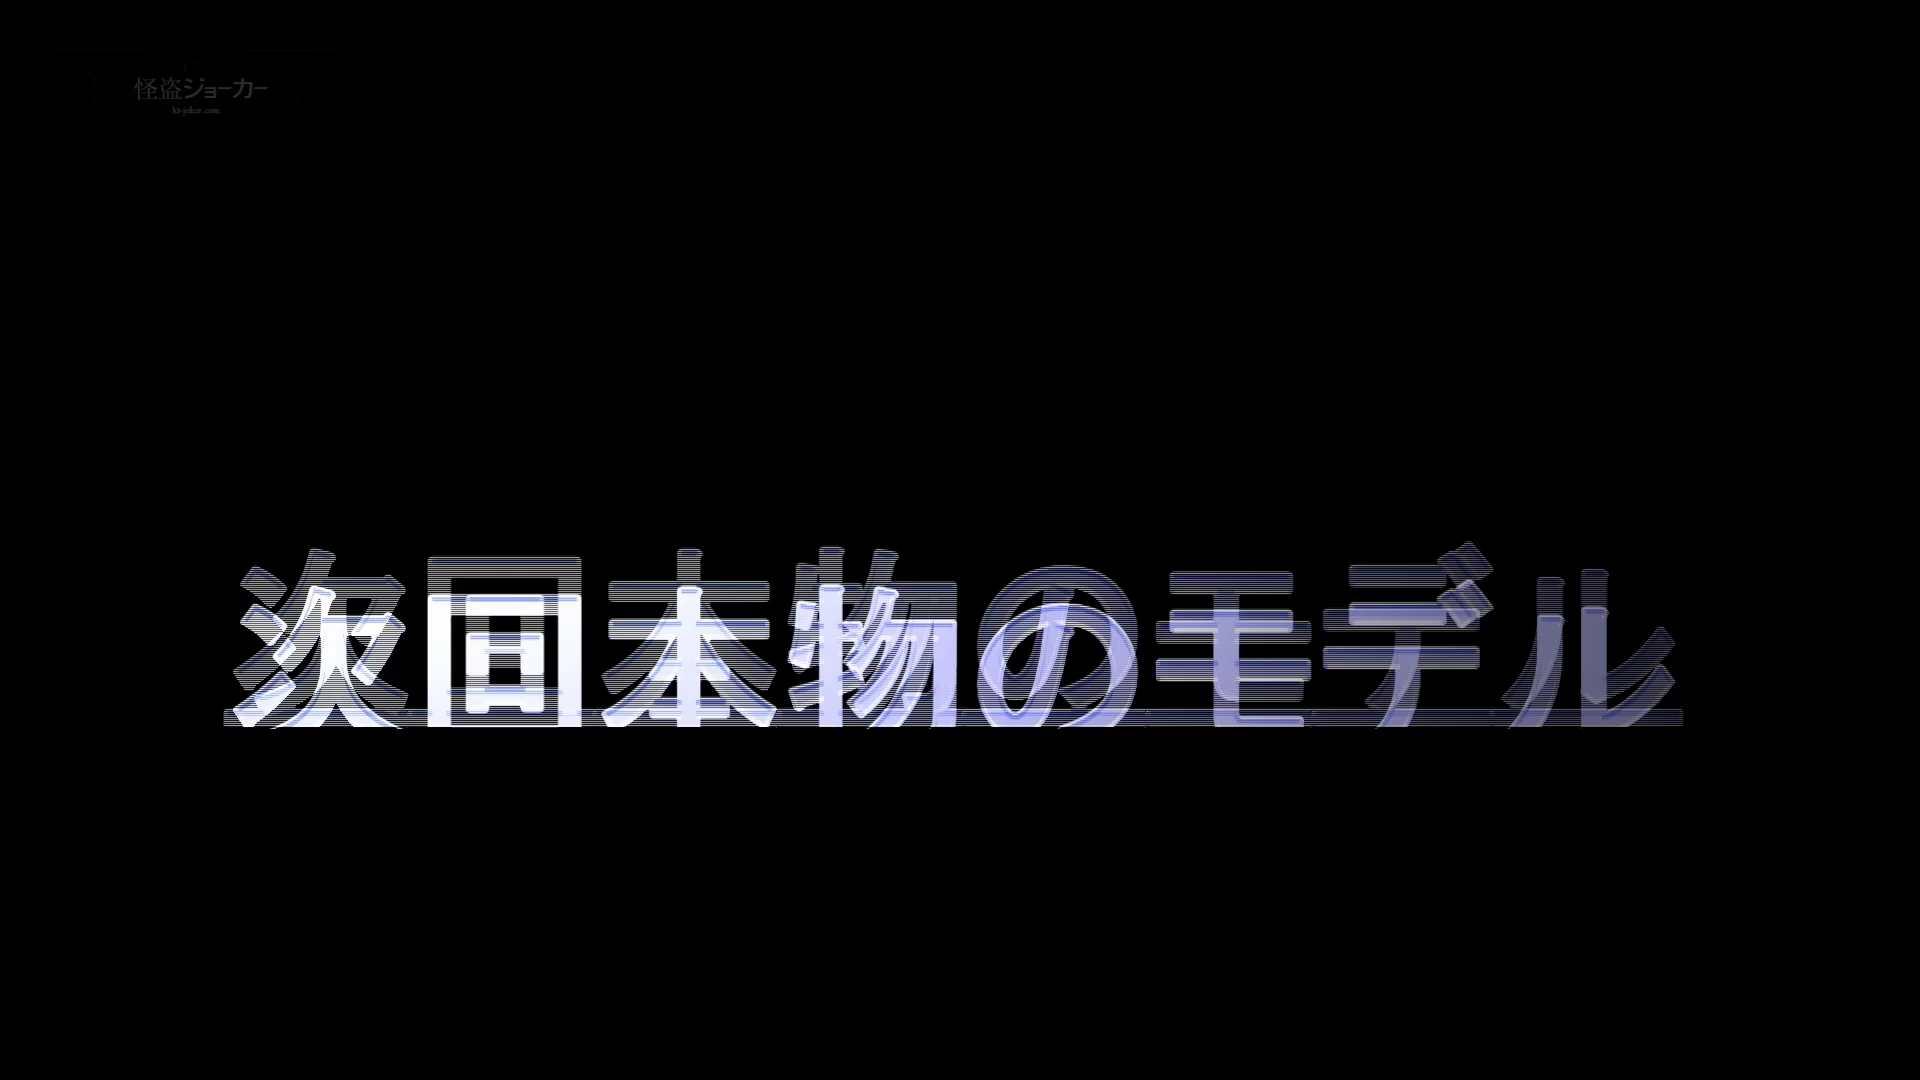 潜入!!台湾名門女学院 Vol.10 進化 OLの実態 盗撮AV動画キャプチャ 35pic 10